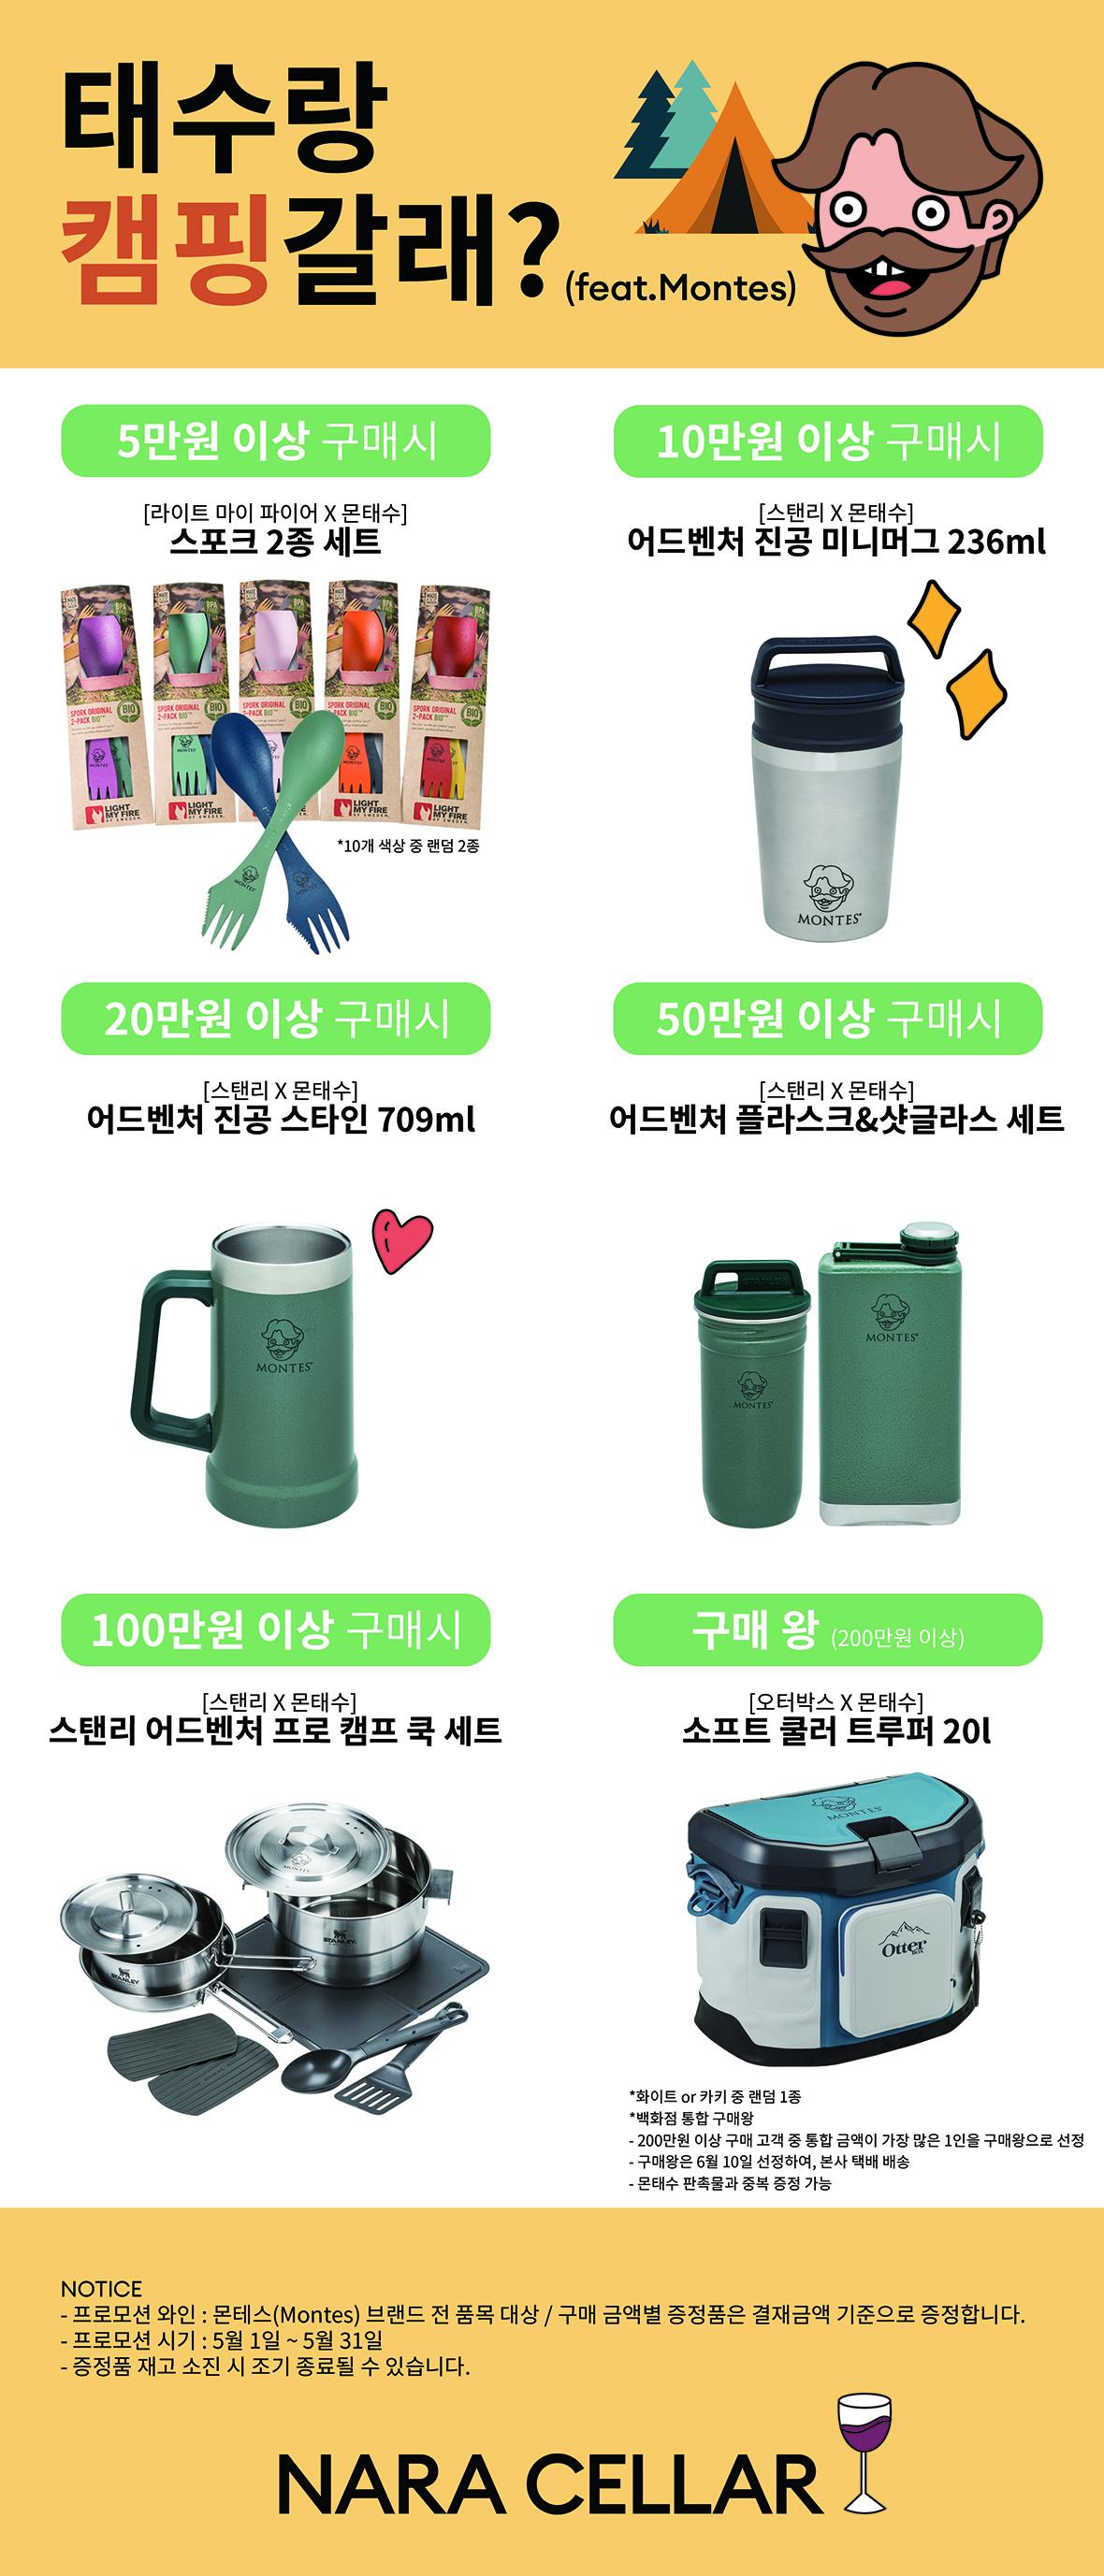 태수랑 캠핑갈래 배너_final.jpg